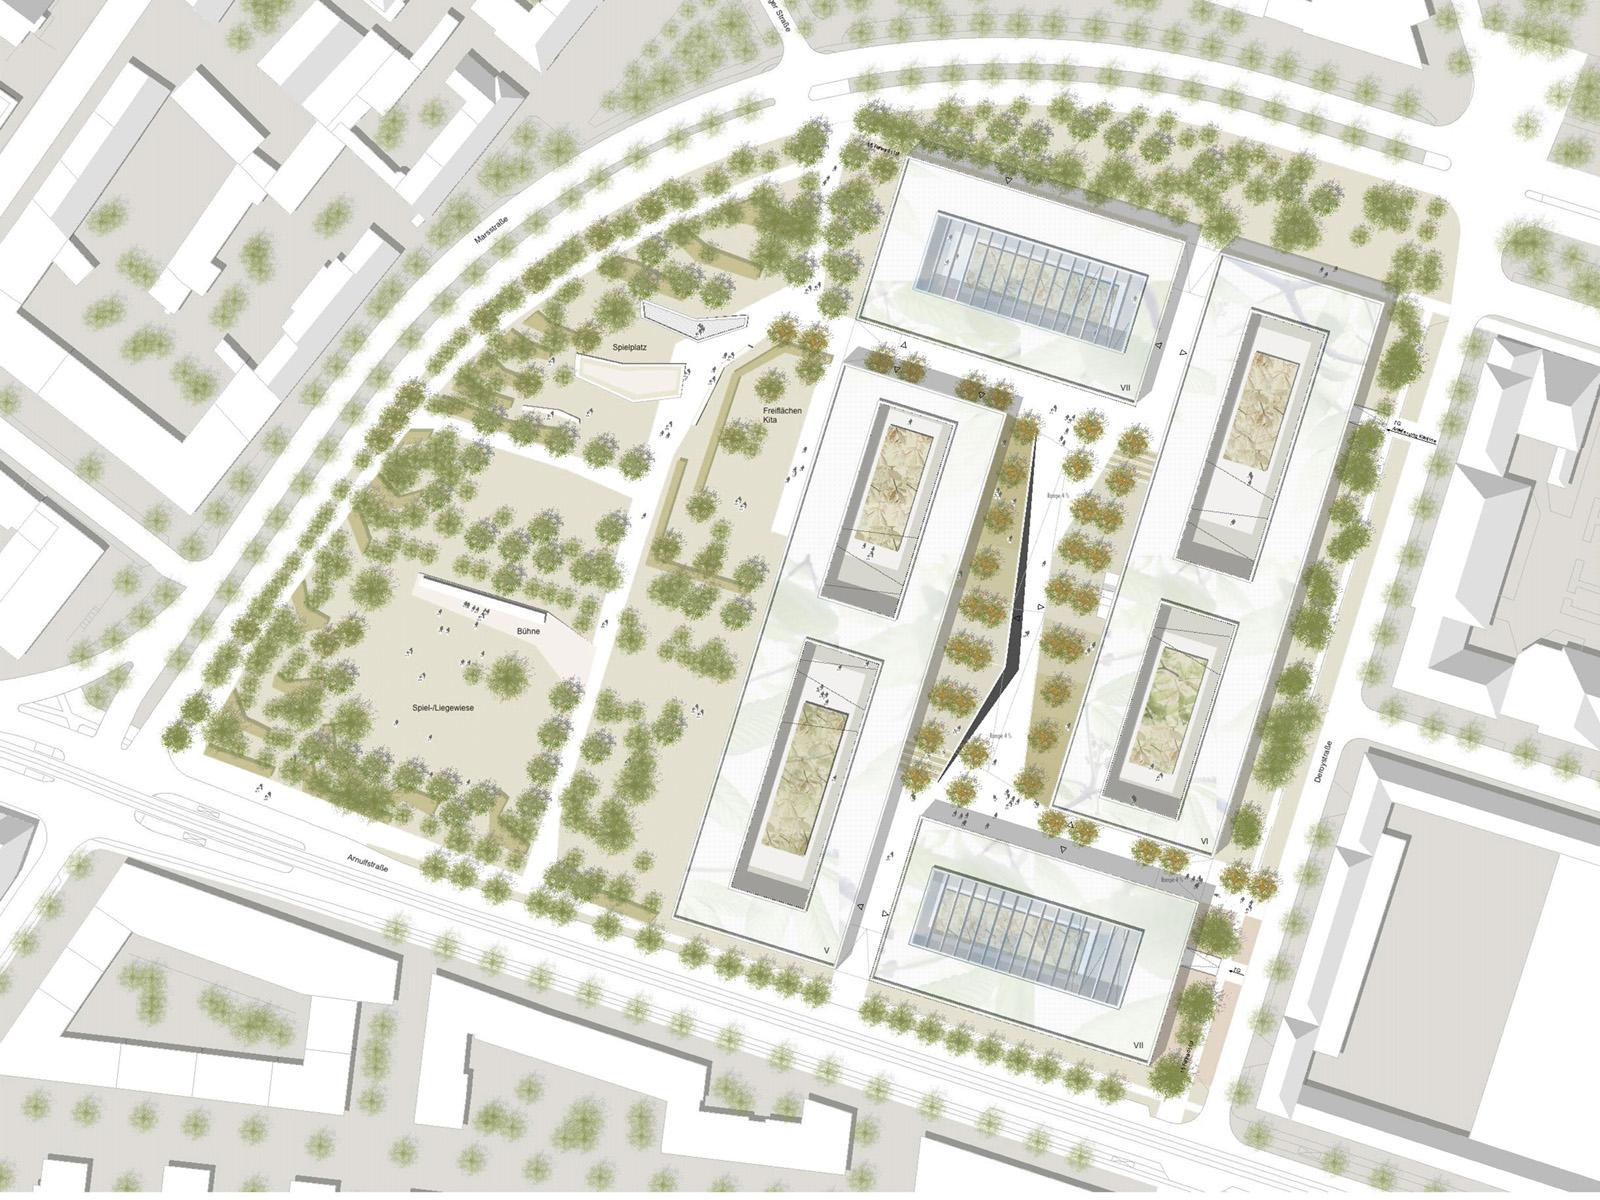 Lageplan_Wettbewerb-Steuerverwaltung-in-Muenchen-Wettbewerb-2.Preis-2008-Friedrich-Poerschke-Zwink-Architekten